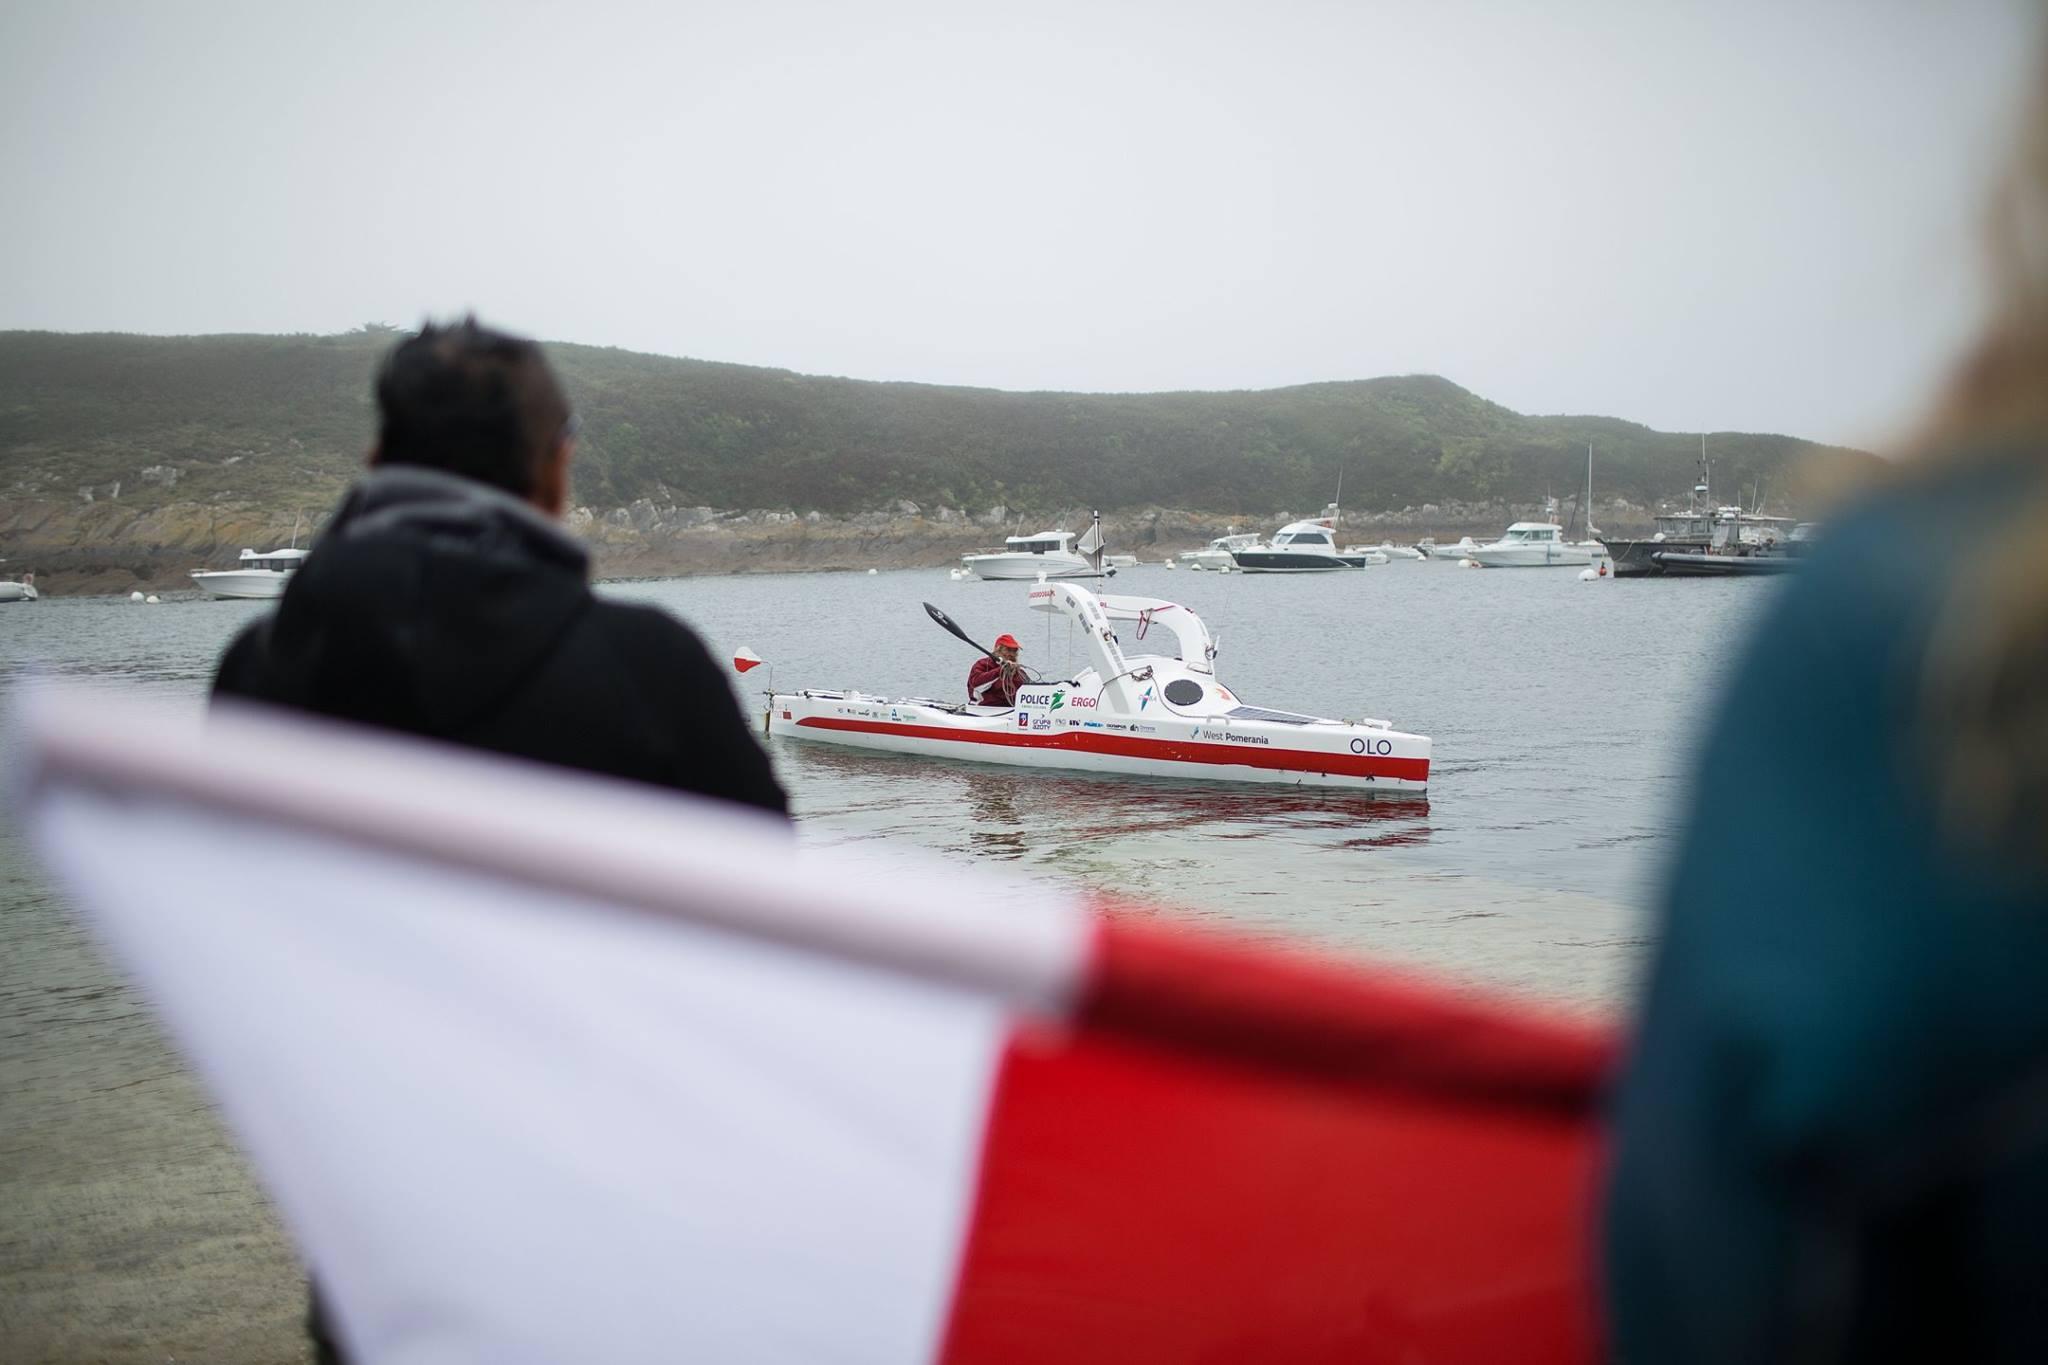 Суши весла: польский пенсионер пересек Атлантику на байдарке, проплыв более 100 дней (11 фото)